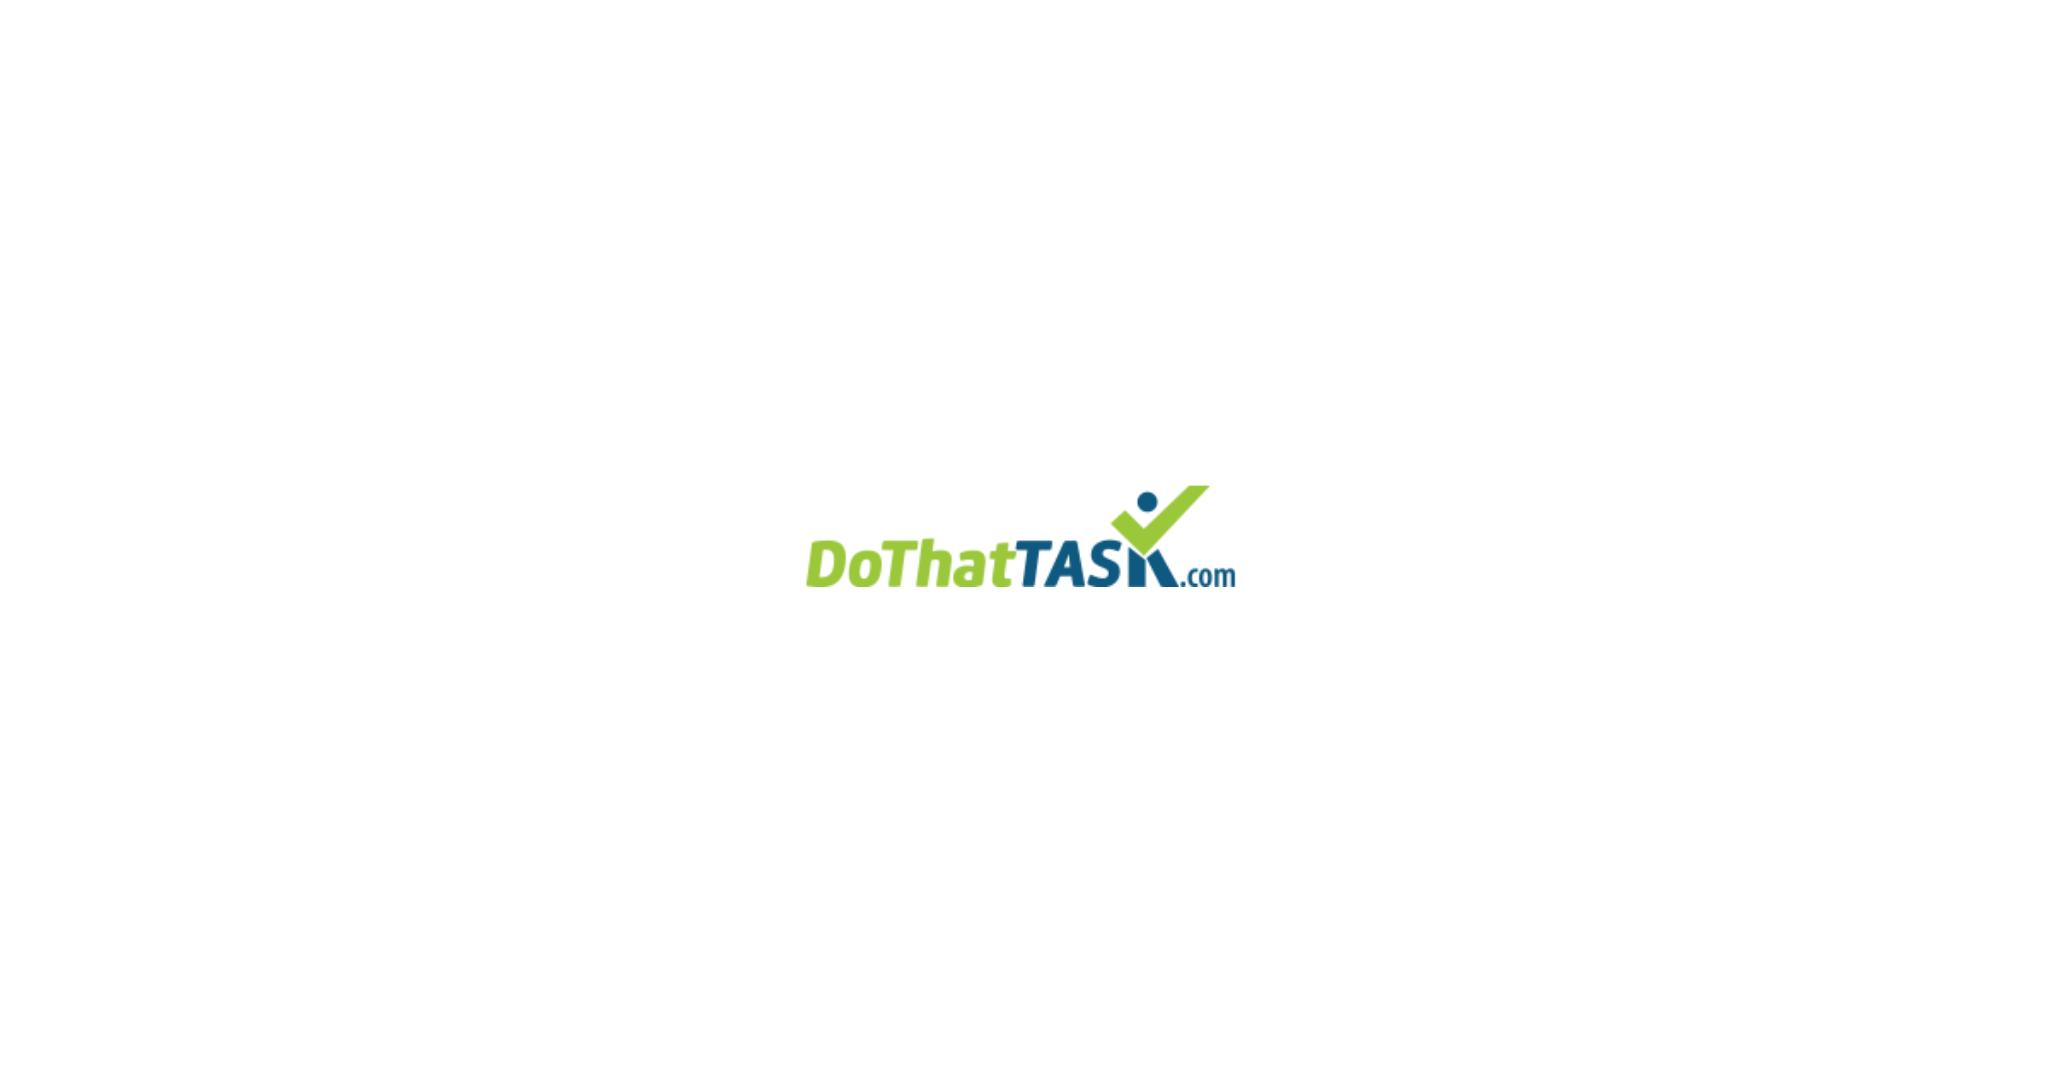 DoThatTask.com